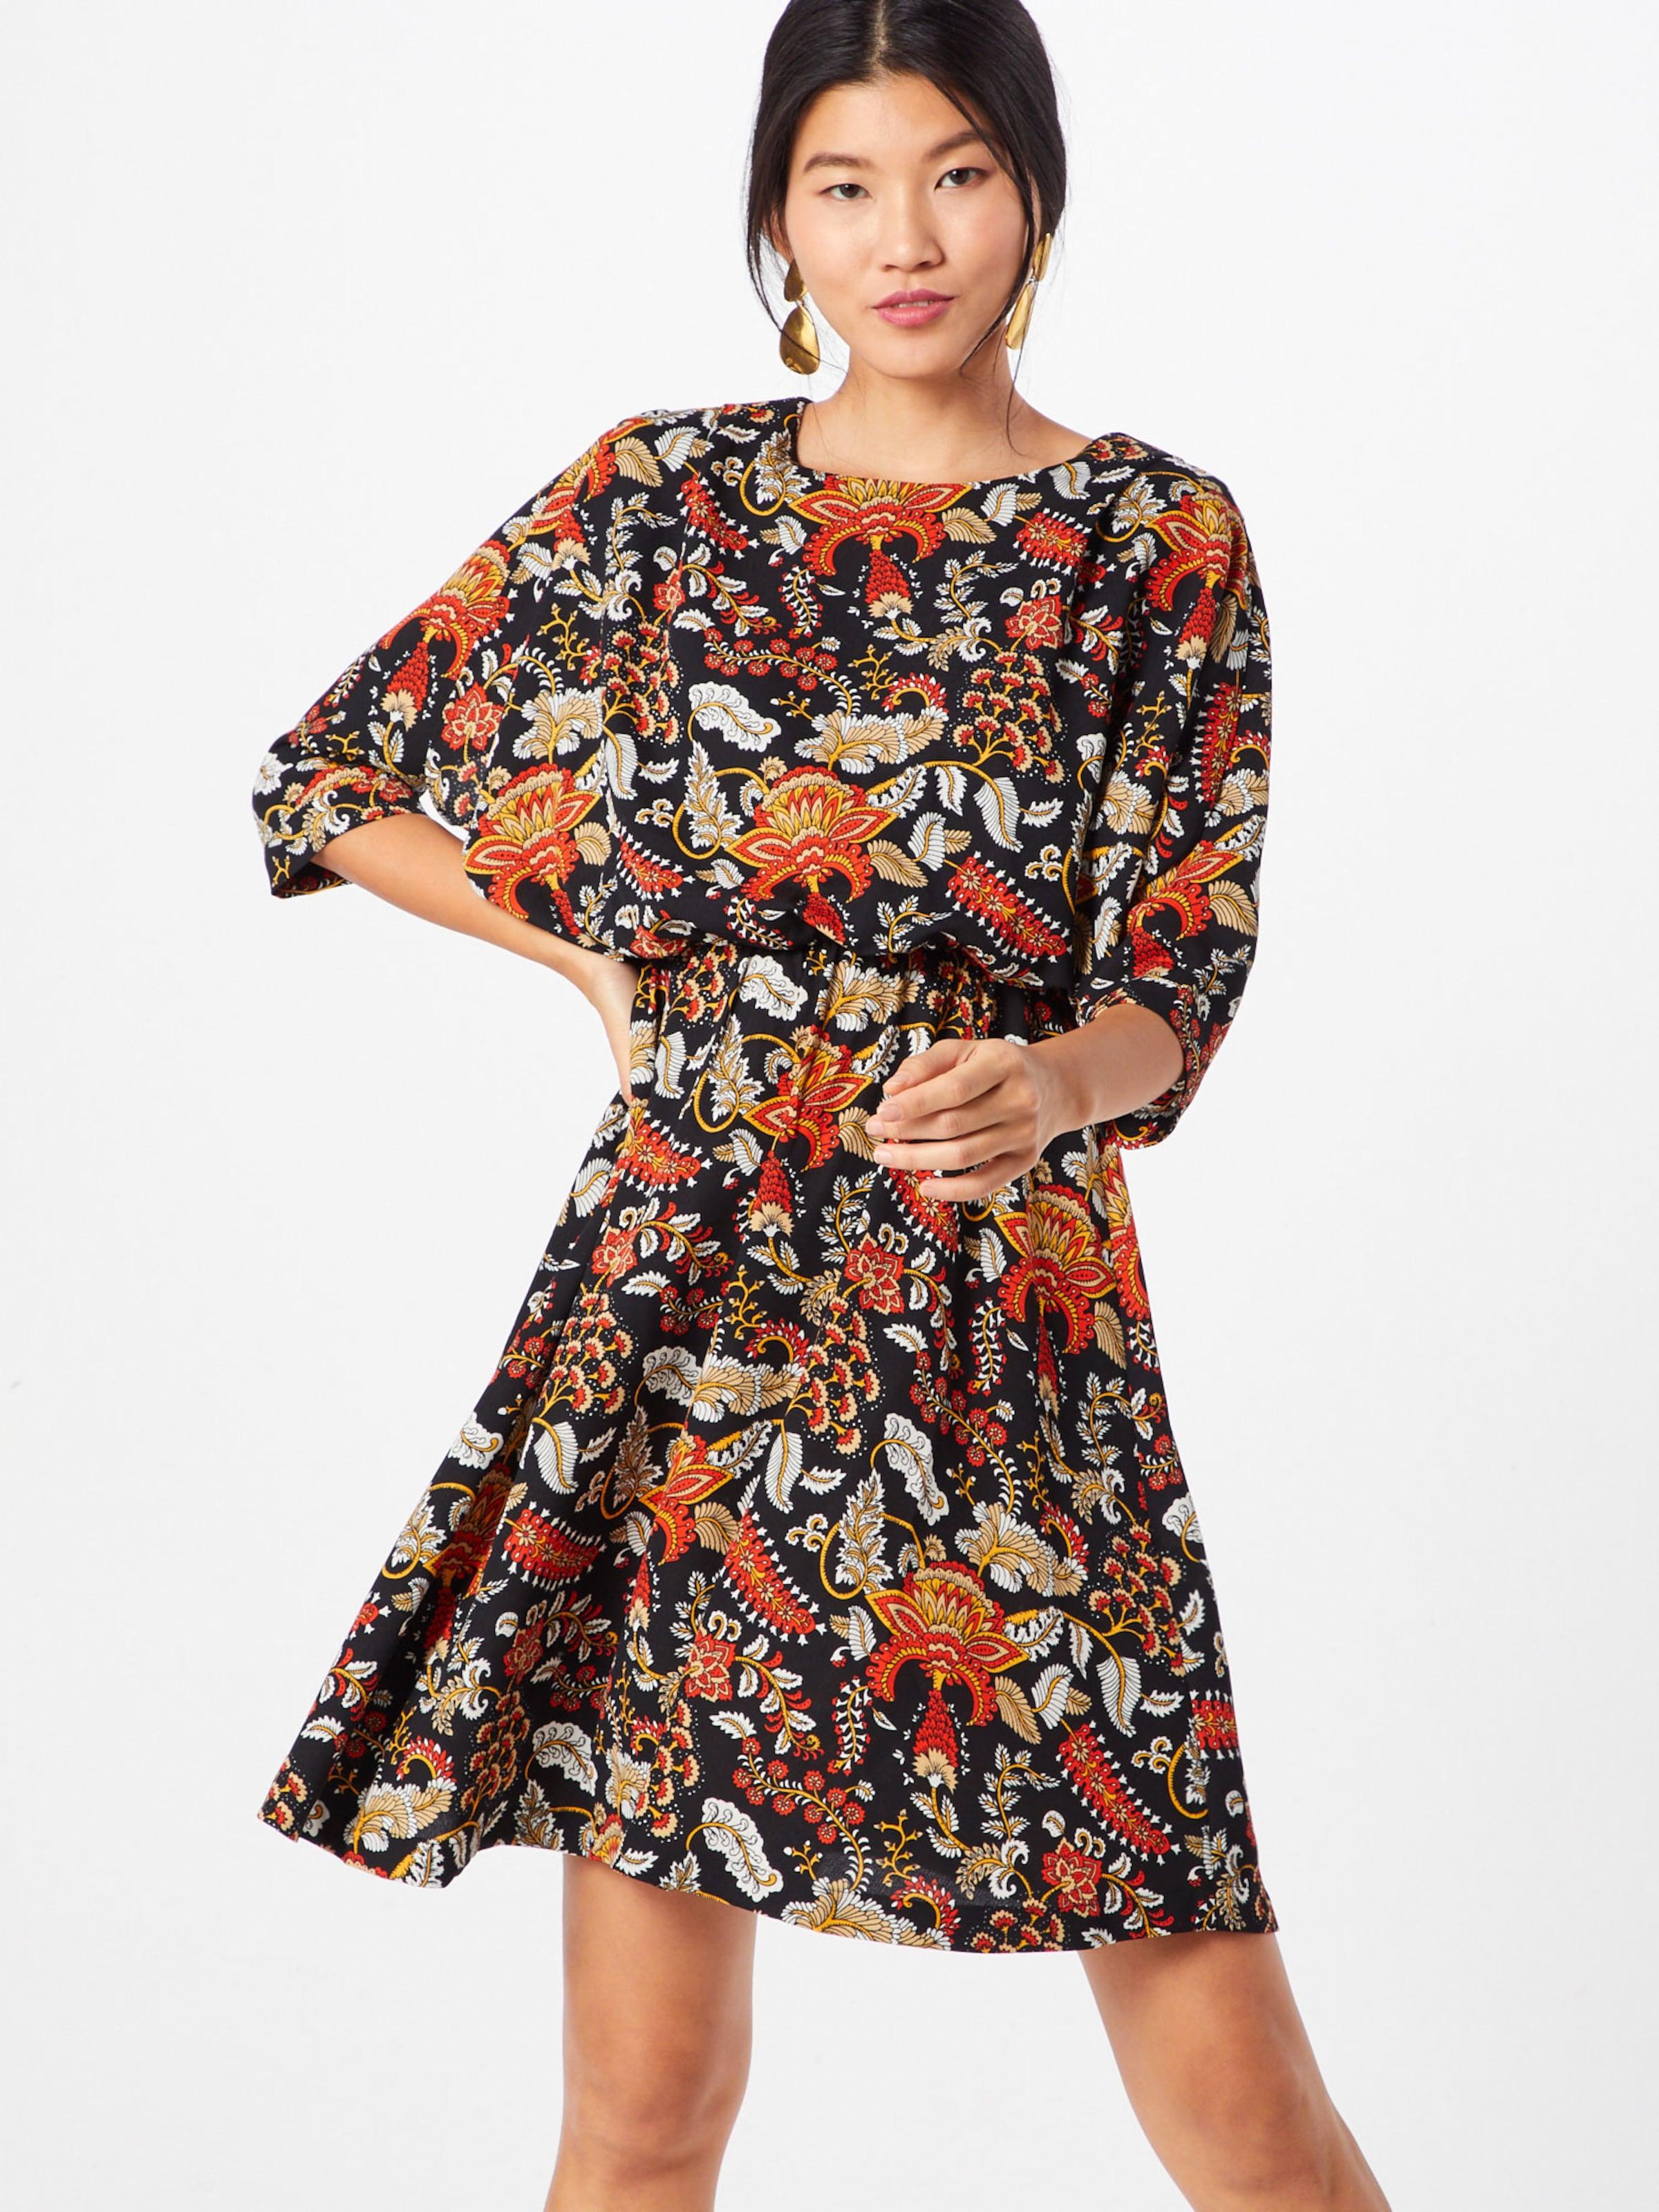 SELECTED FEMME Kleid 'SLFIVA' in schwarz schwarz schwarz  Freizeit, schlank, schlank 21669c